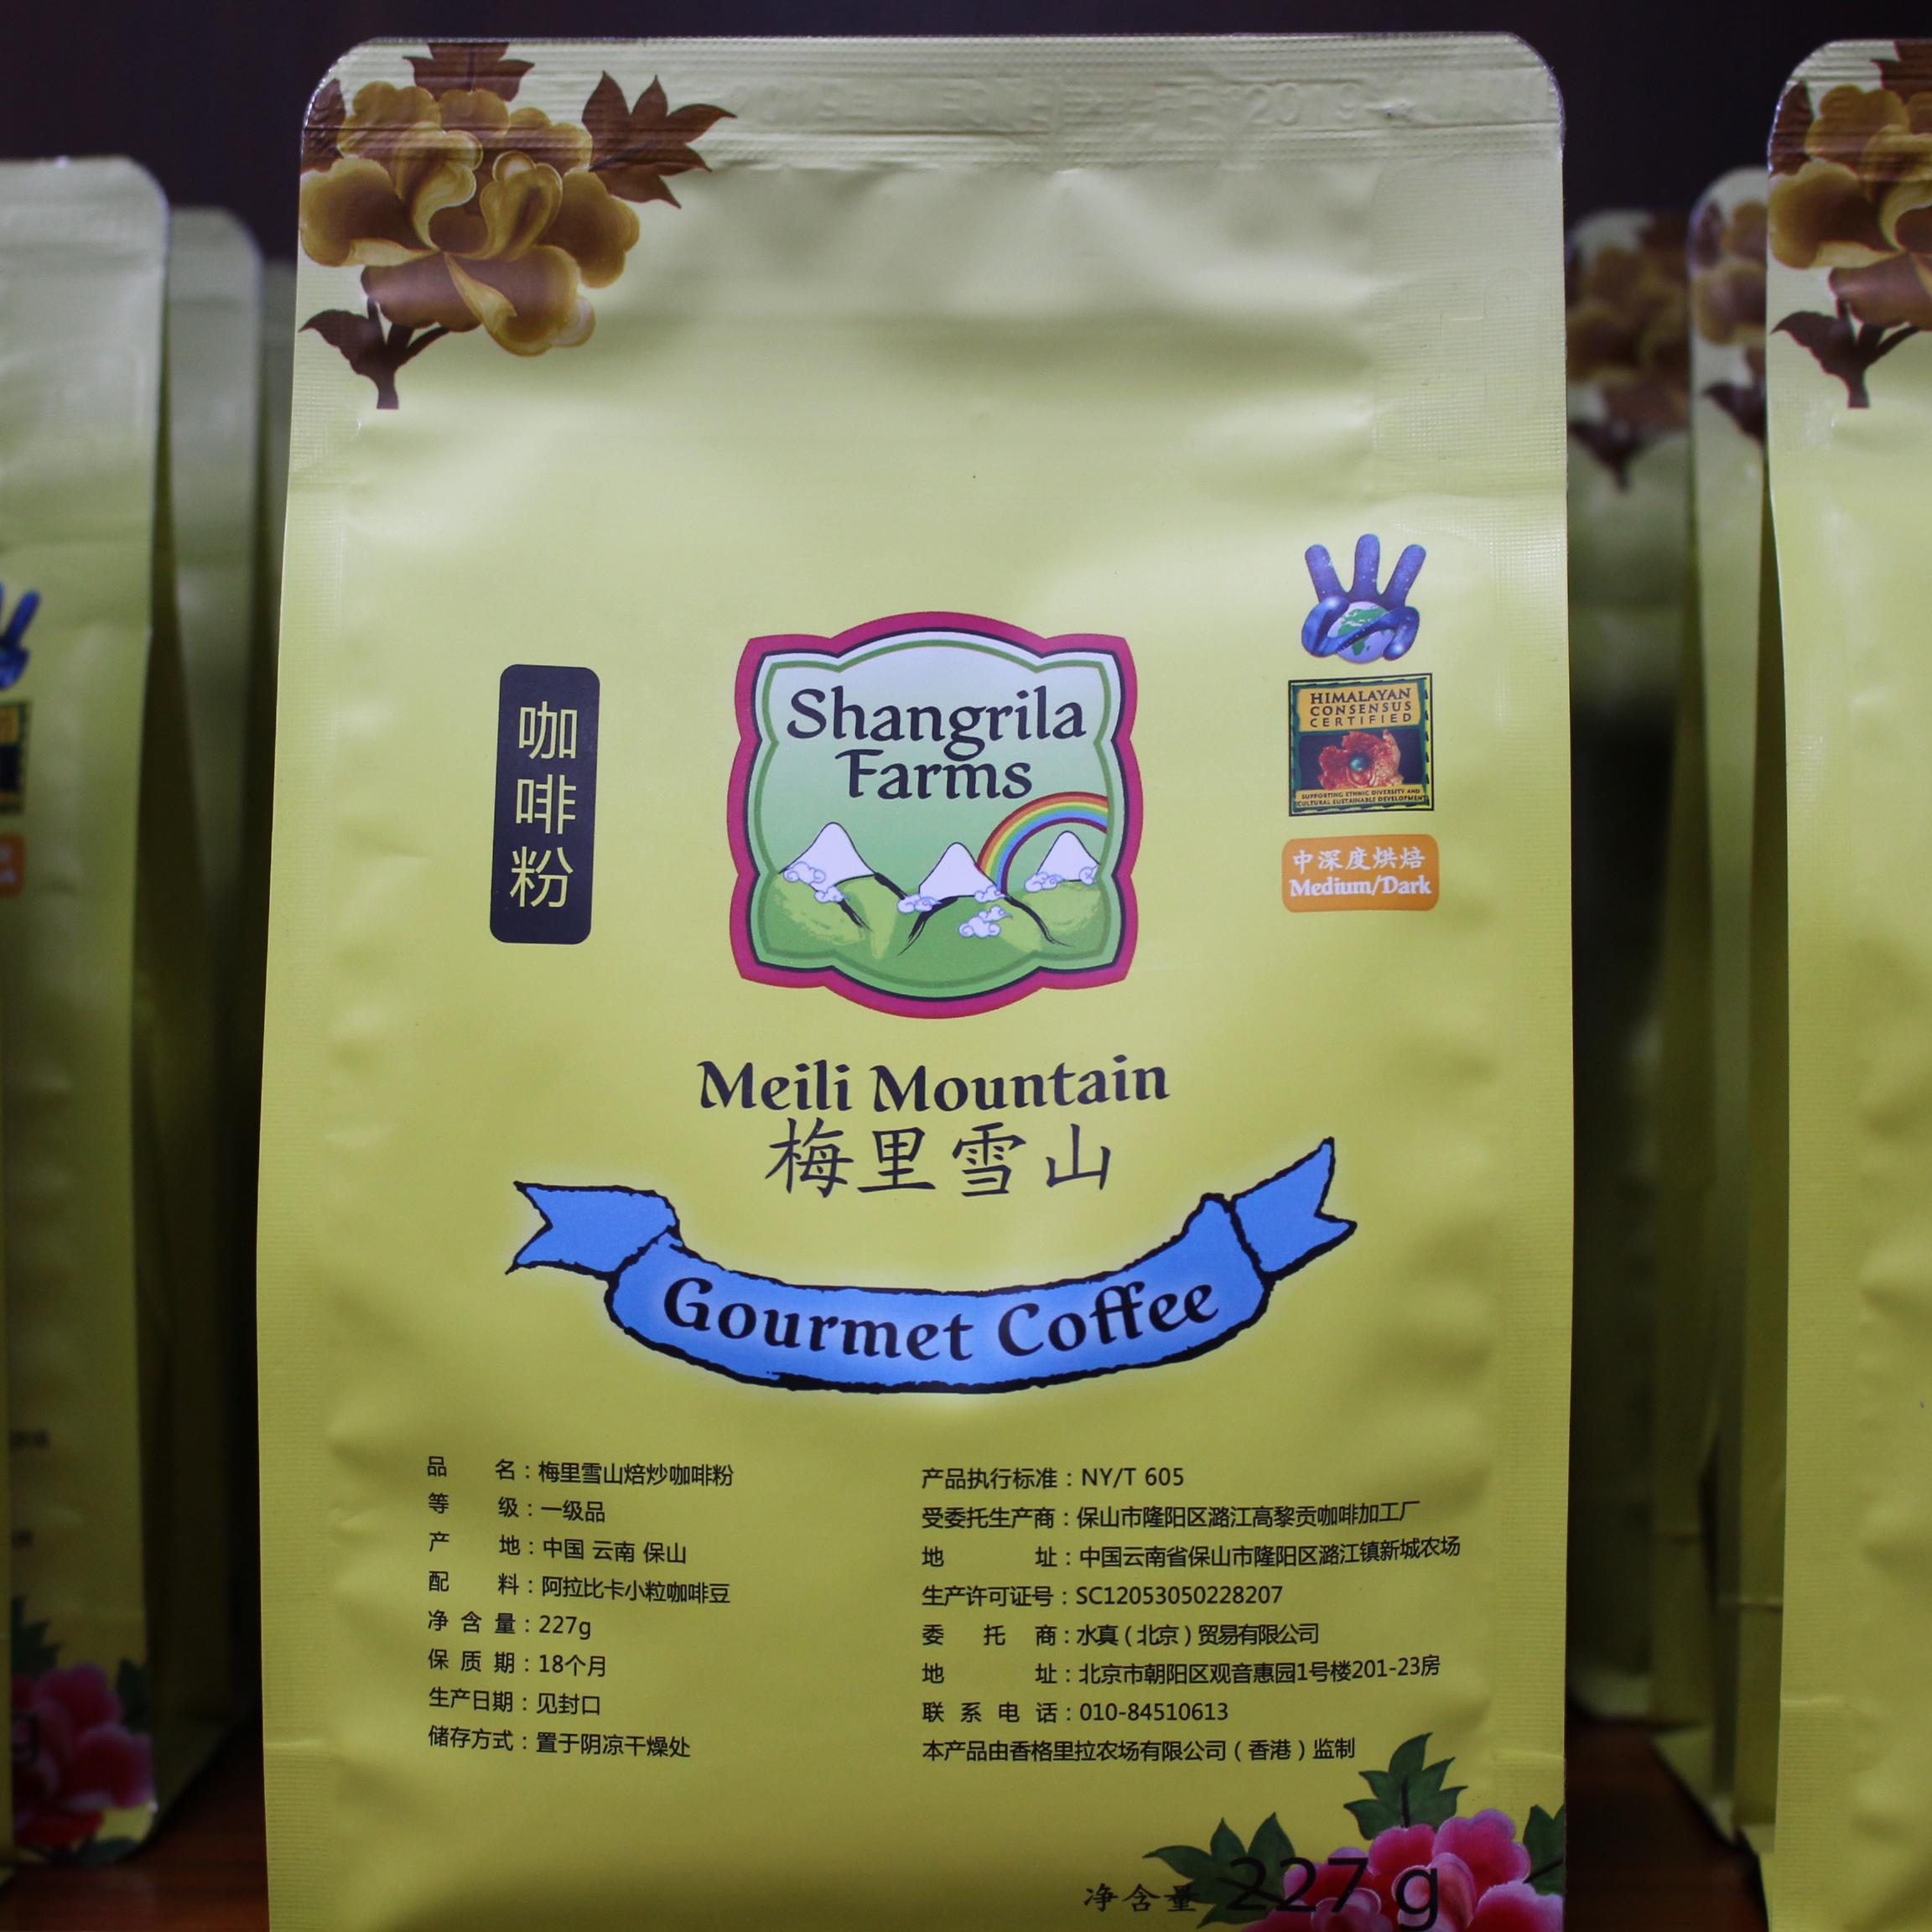 梅里雪山咖啡粉